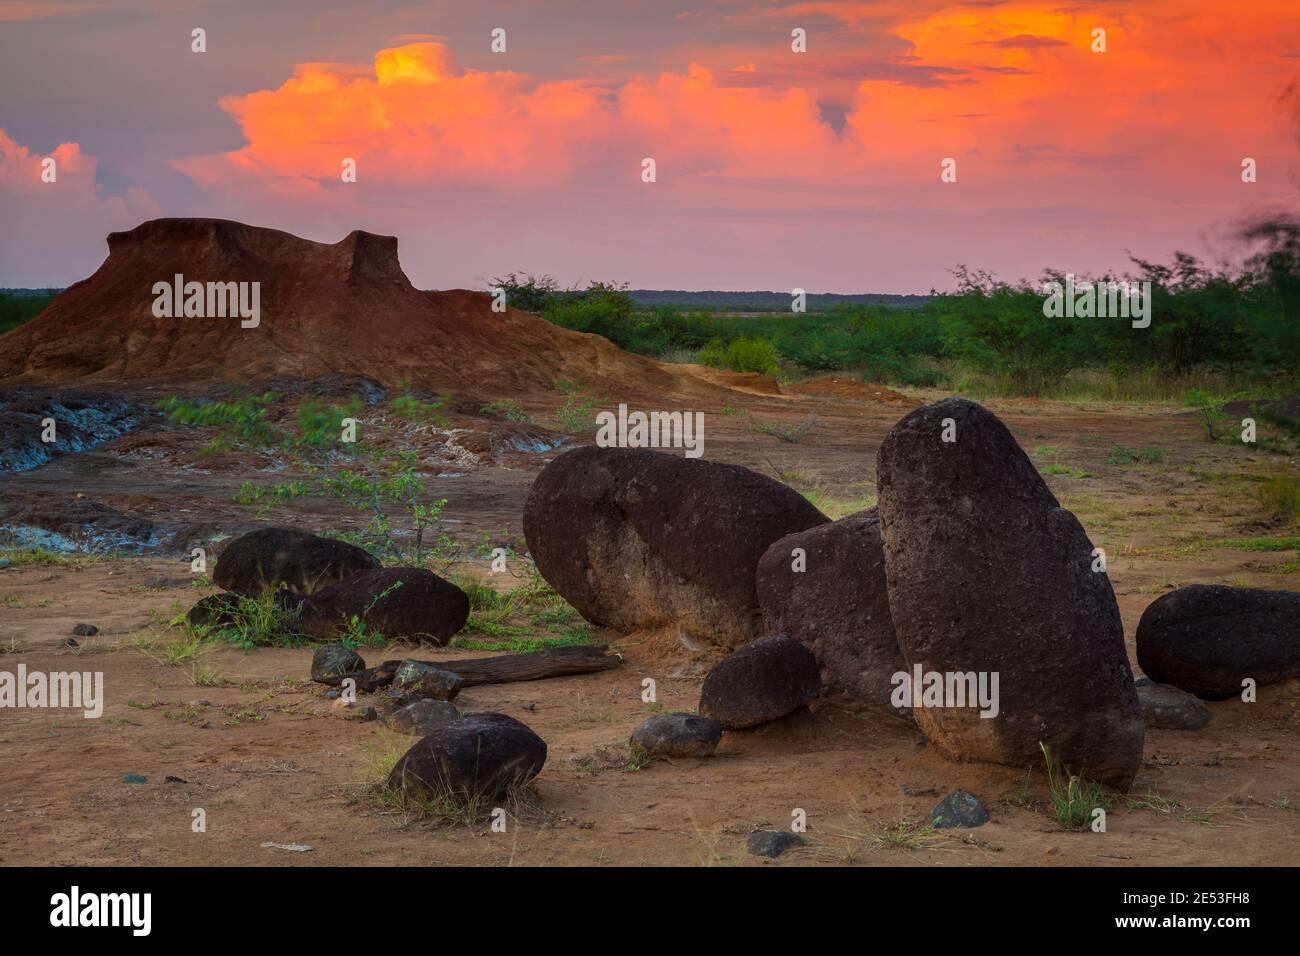 Serata colorata nel deserto del parco nazionale di Sarigua, provincia di Herrera, Repubblica di Panama. Foto Stock